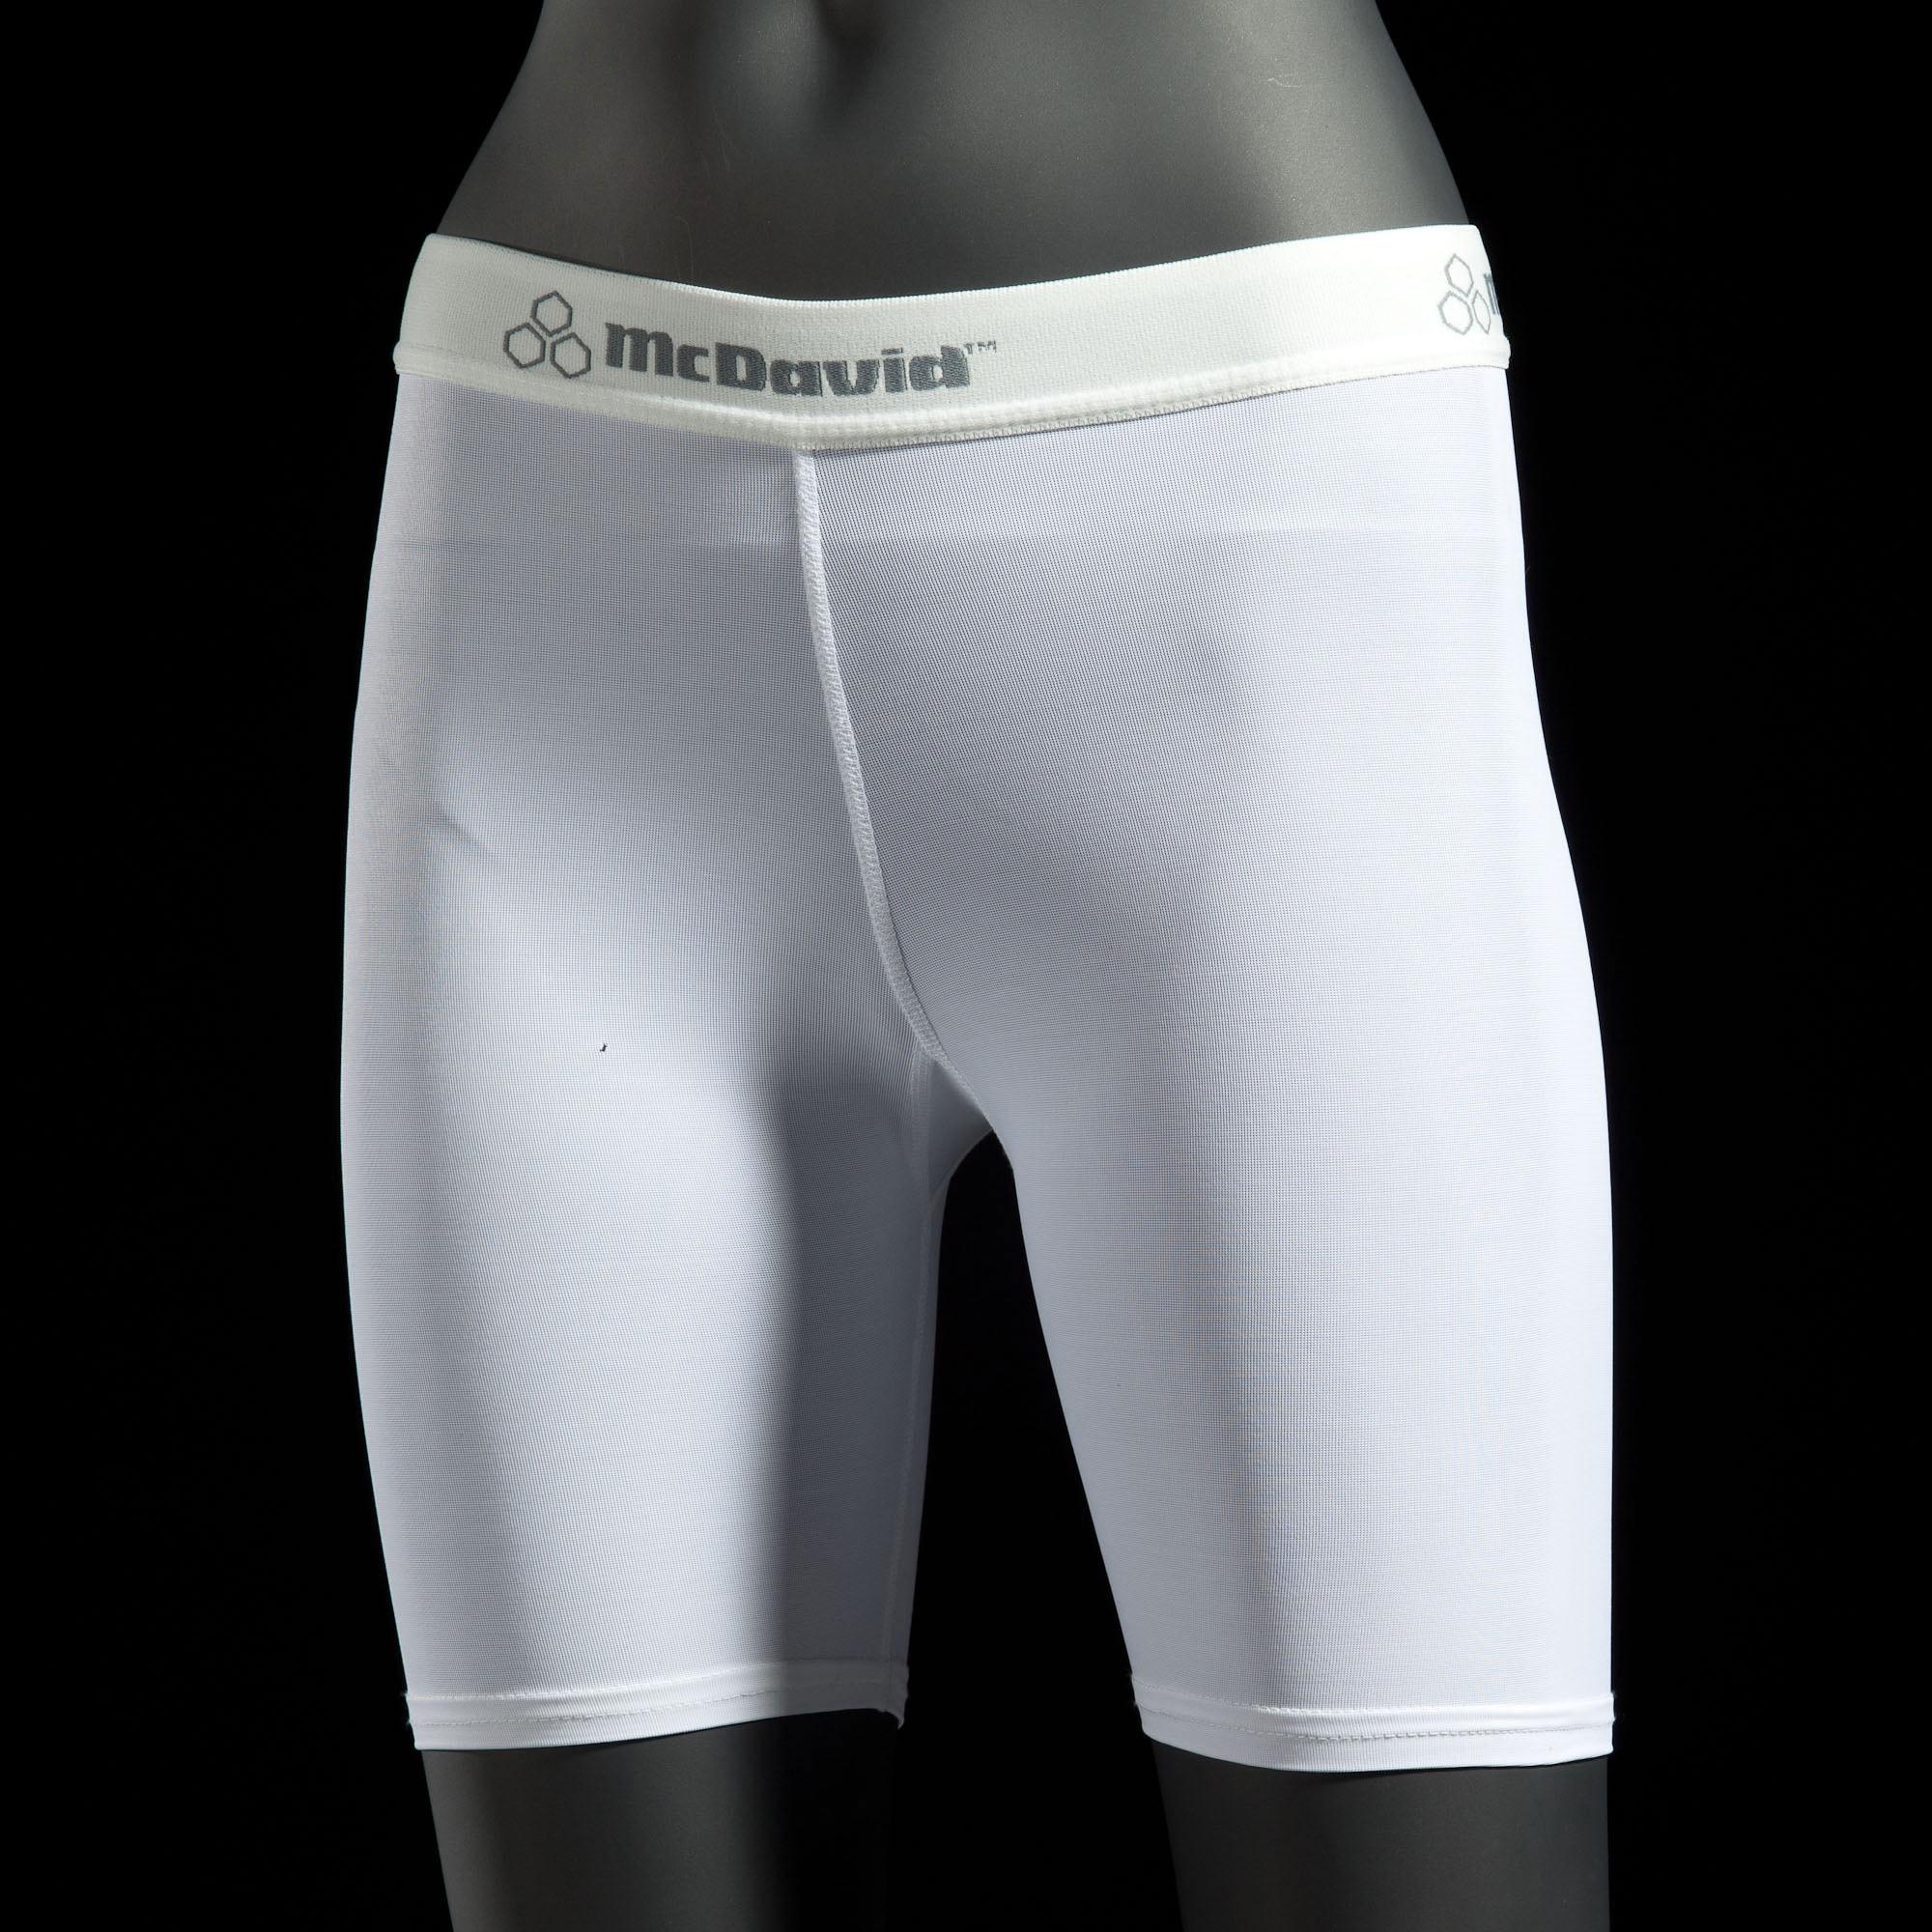 Компрессионные спортивные женские шорты (McDavid 804)